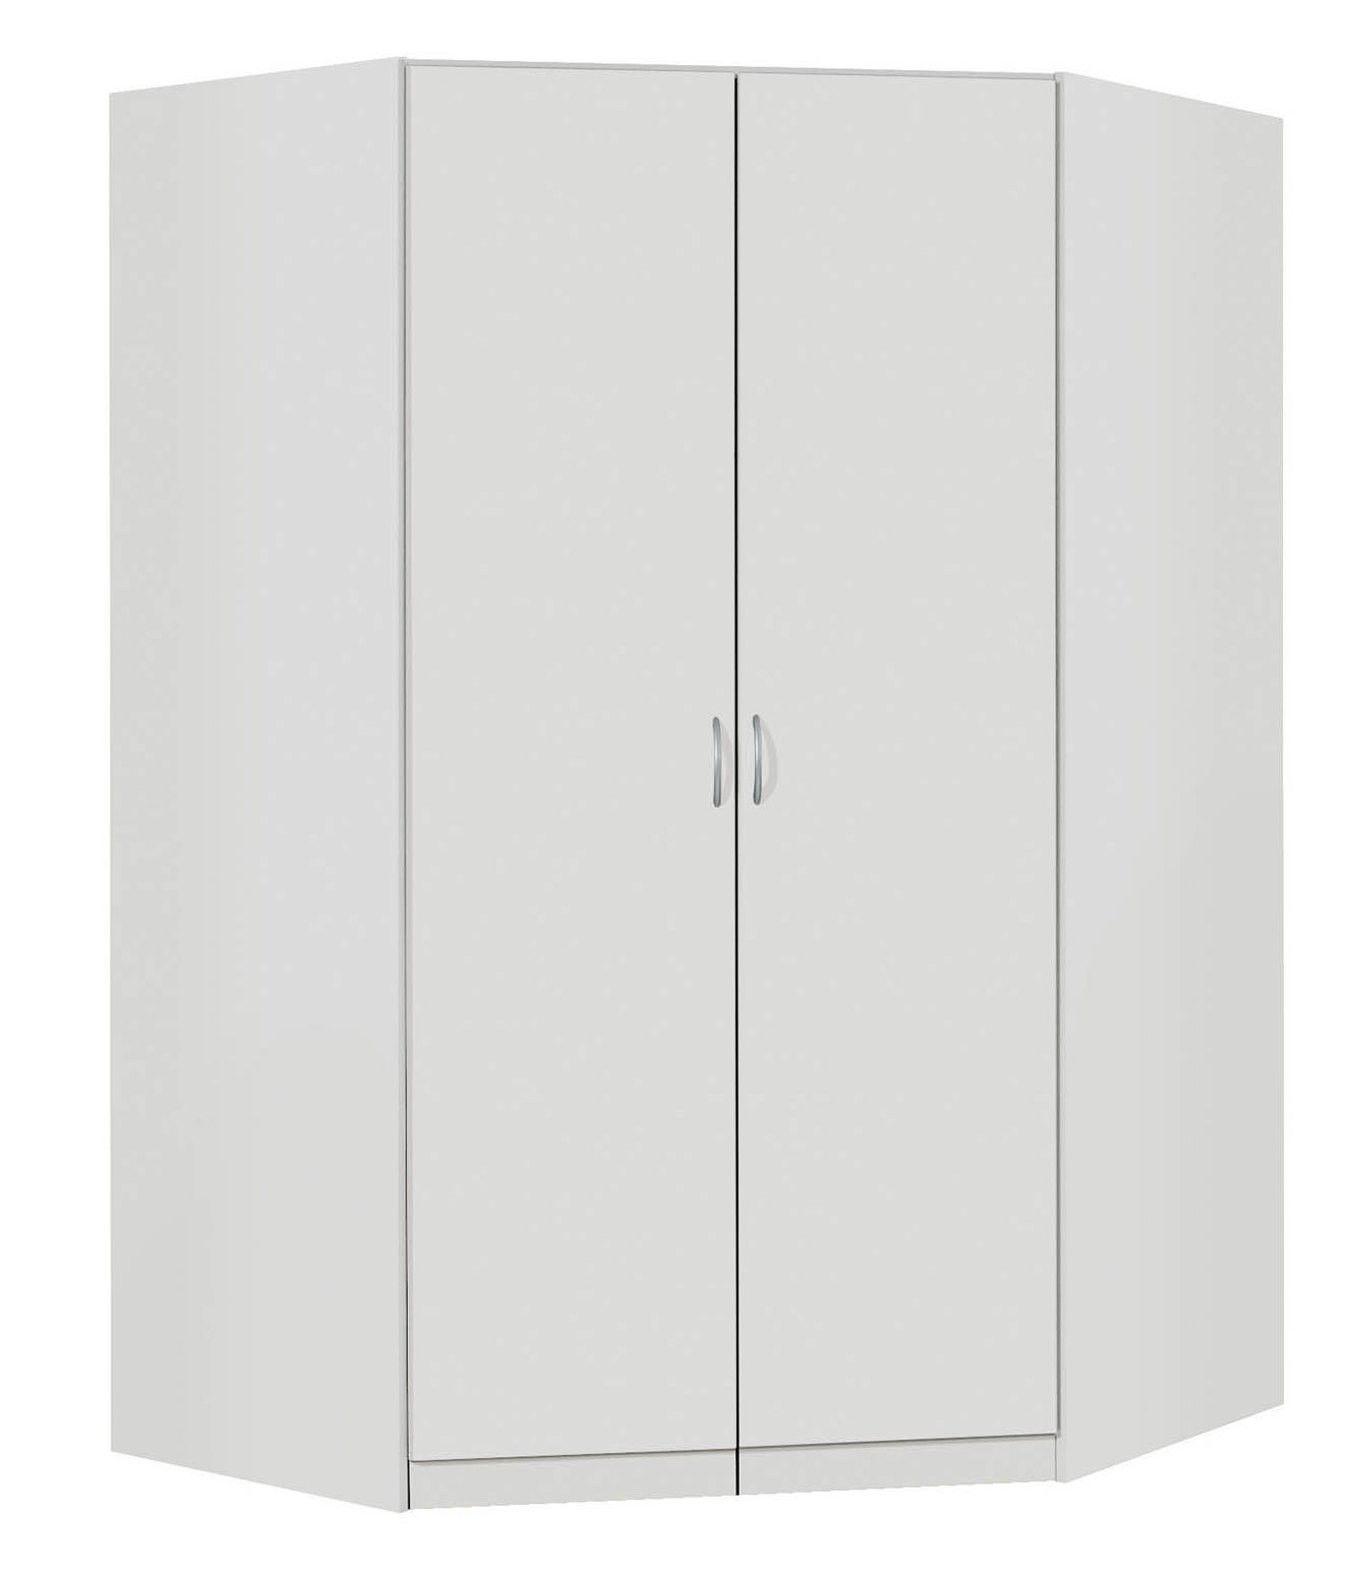 armoire d'angle contemporaine coloris blanc noa | armoires